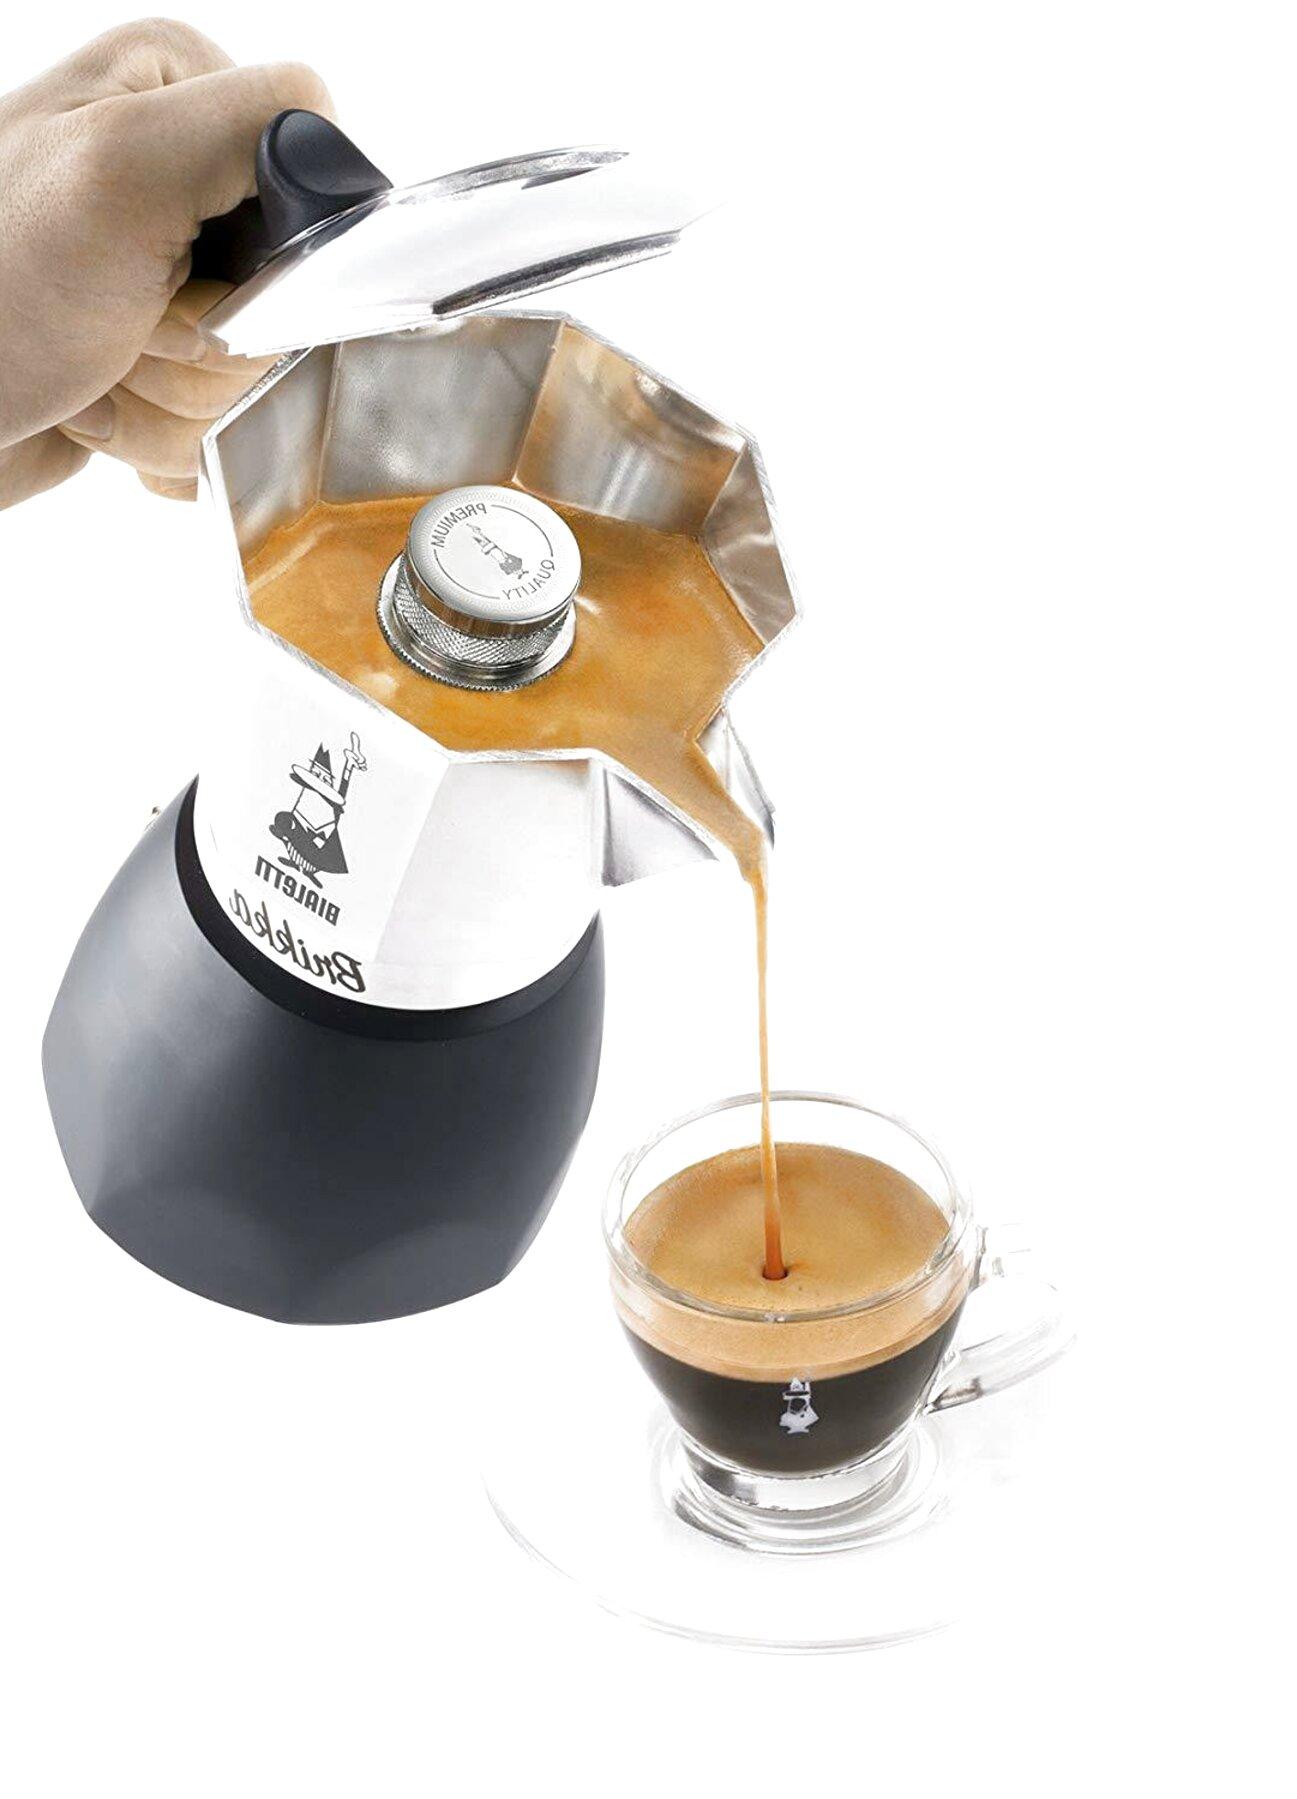 ECCEZIONALE CAFFETTIERA per caffè ESPRESSO come al bar BIALETTI BRIKKA